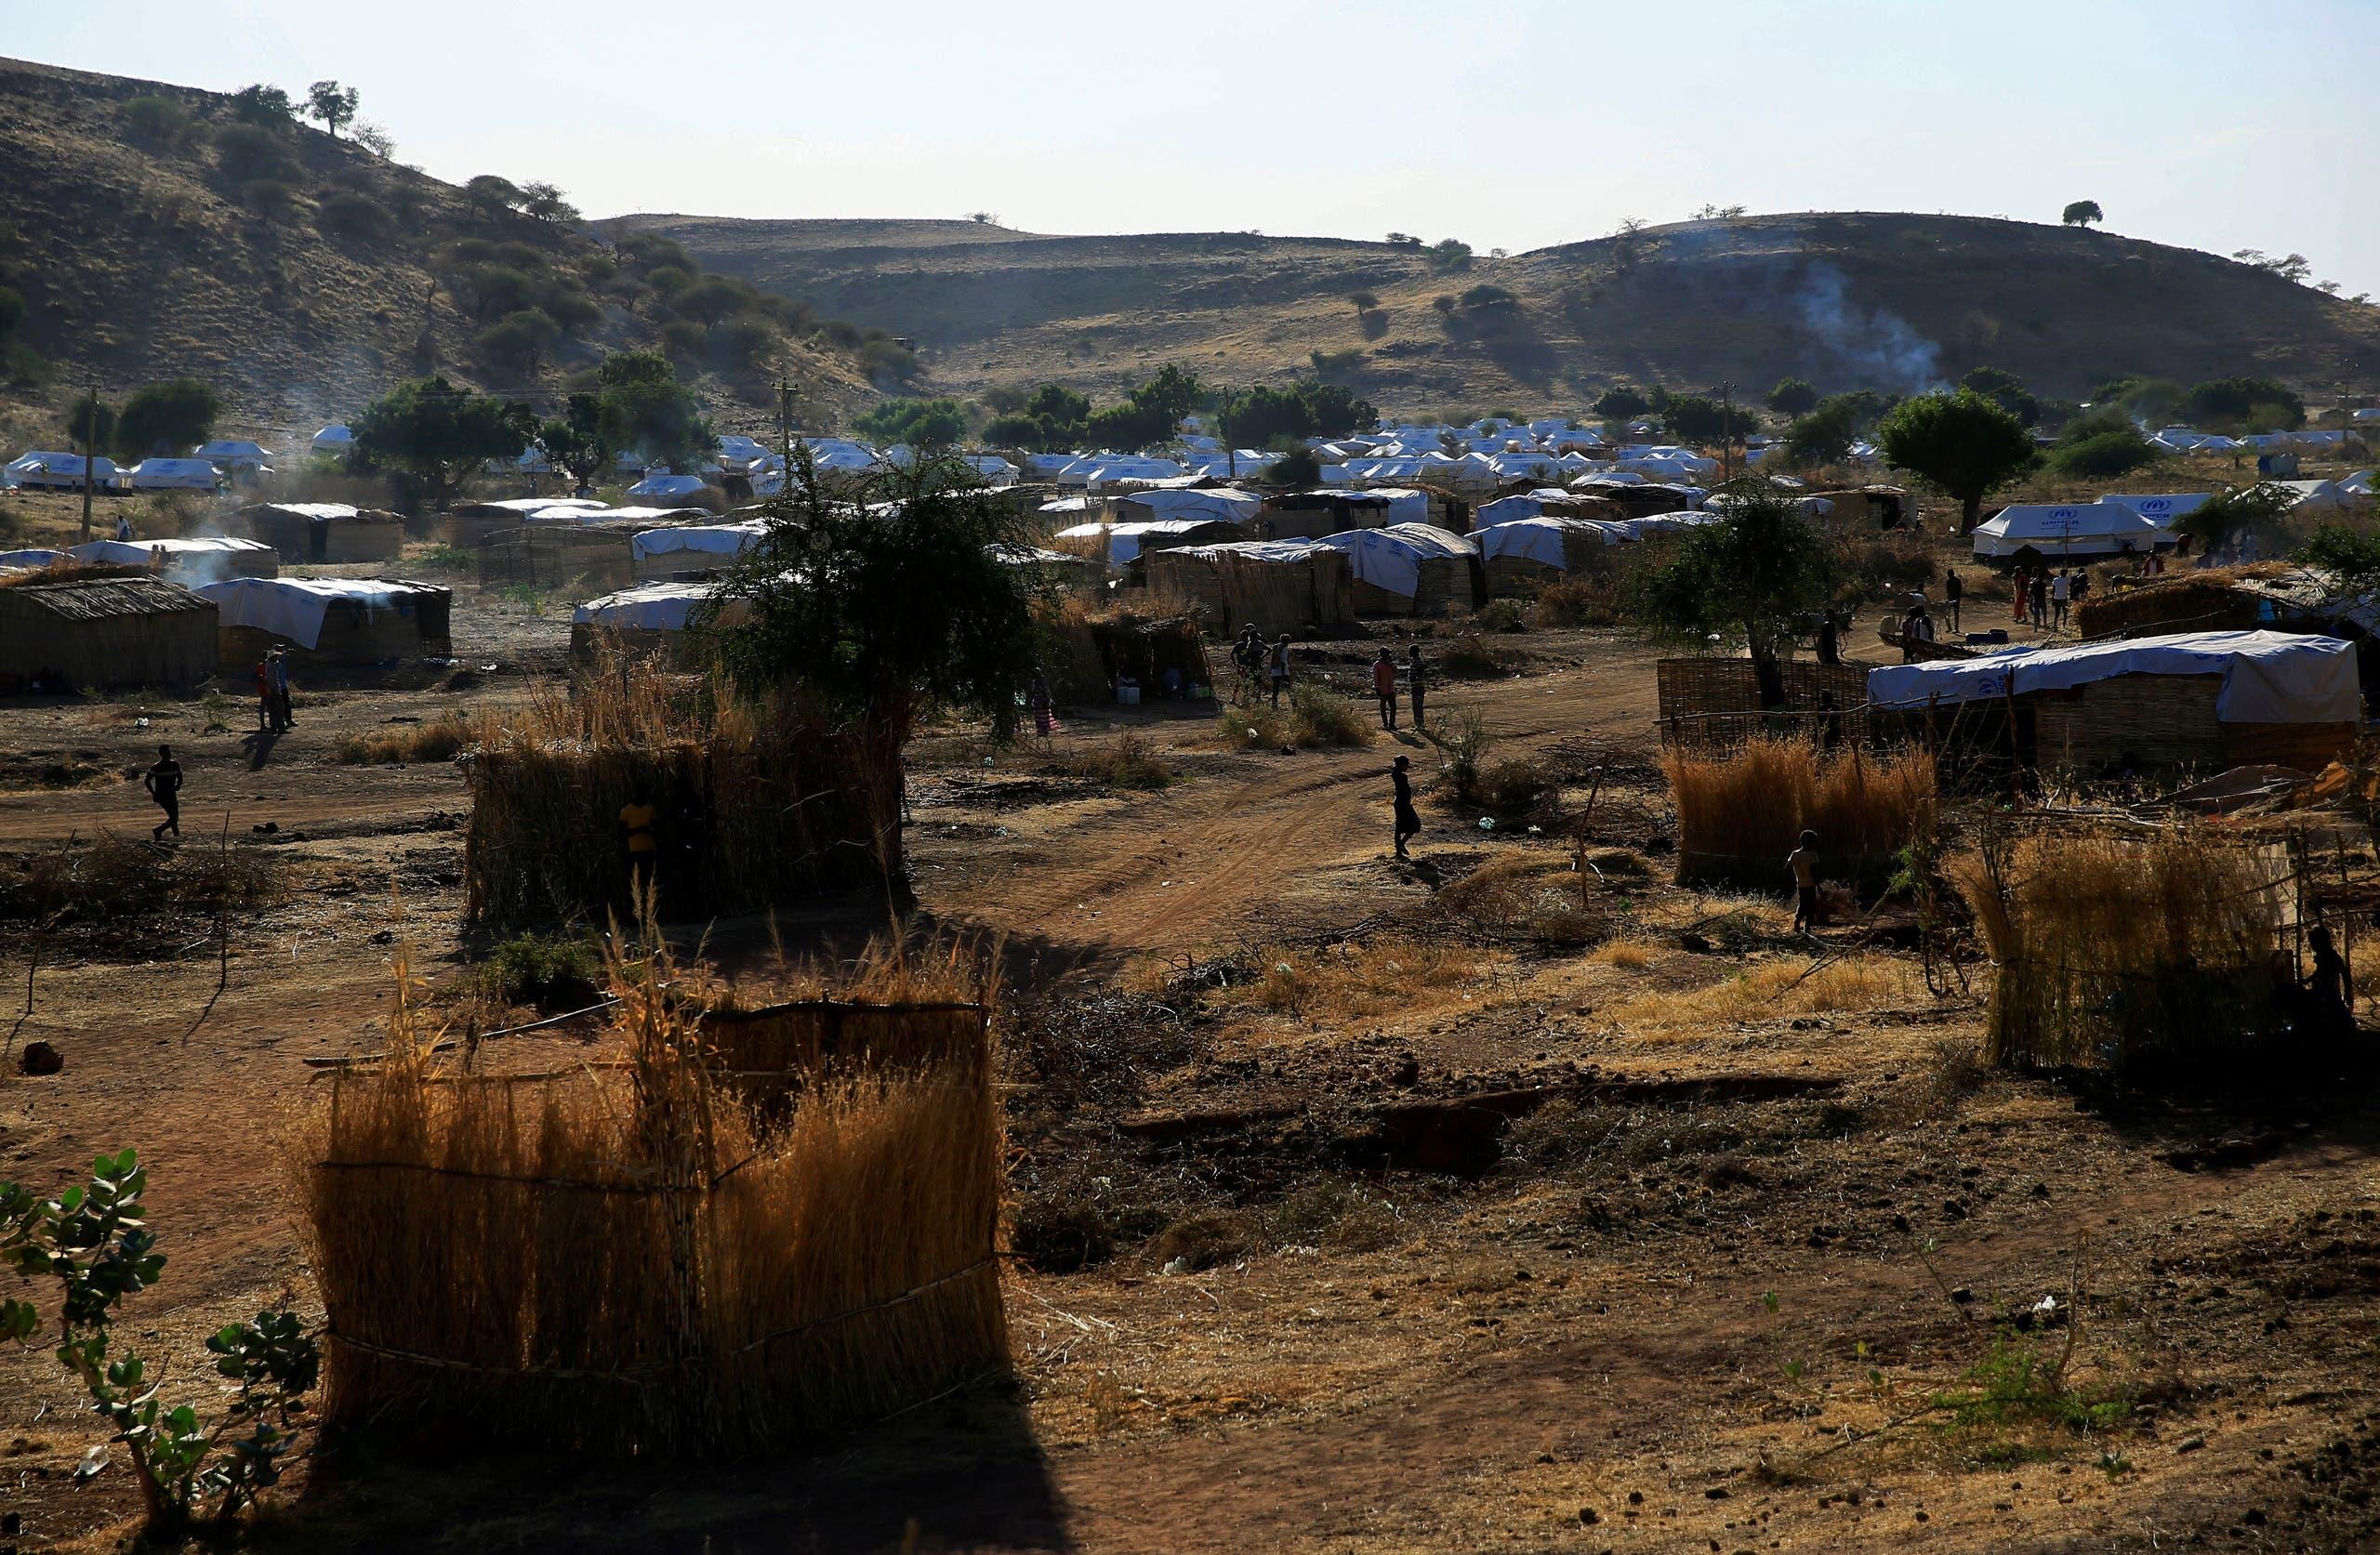 از منطقه Gedaref که یکشنبه شب توسط اتیوپی بمباران شد